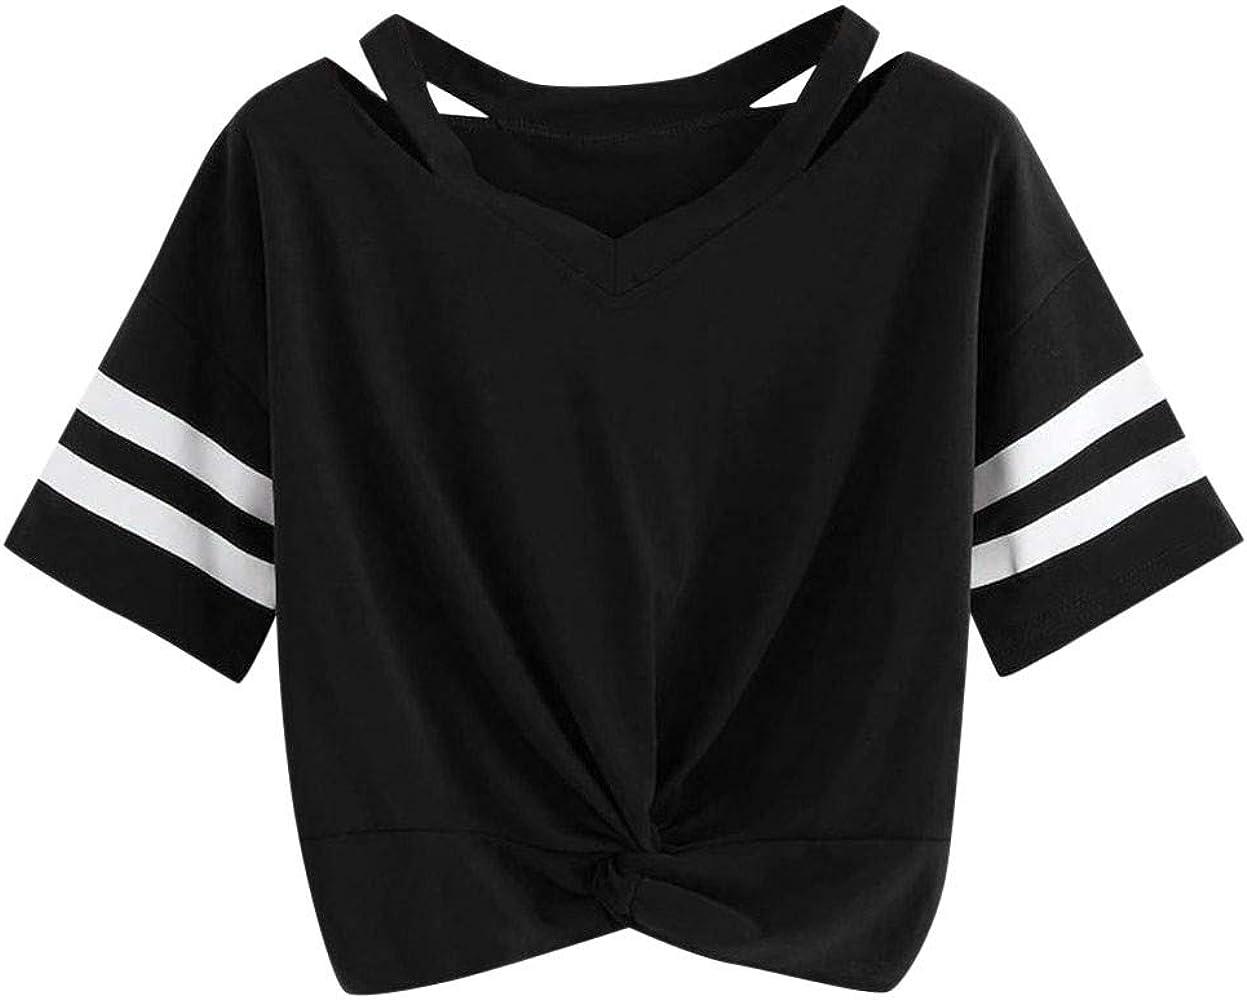 Camiseta de Mujer, Verano Slim Fit Manga Corta Impresión Blusa Sexy Cuello Rojoondo Camiseta Camisa Basica Camiseta Corta Tops Casual T-Shirt Sexy Original tee vpass: Amazon.es: Ropa y accesorios